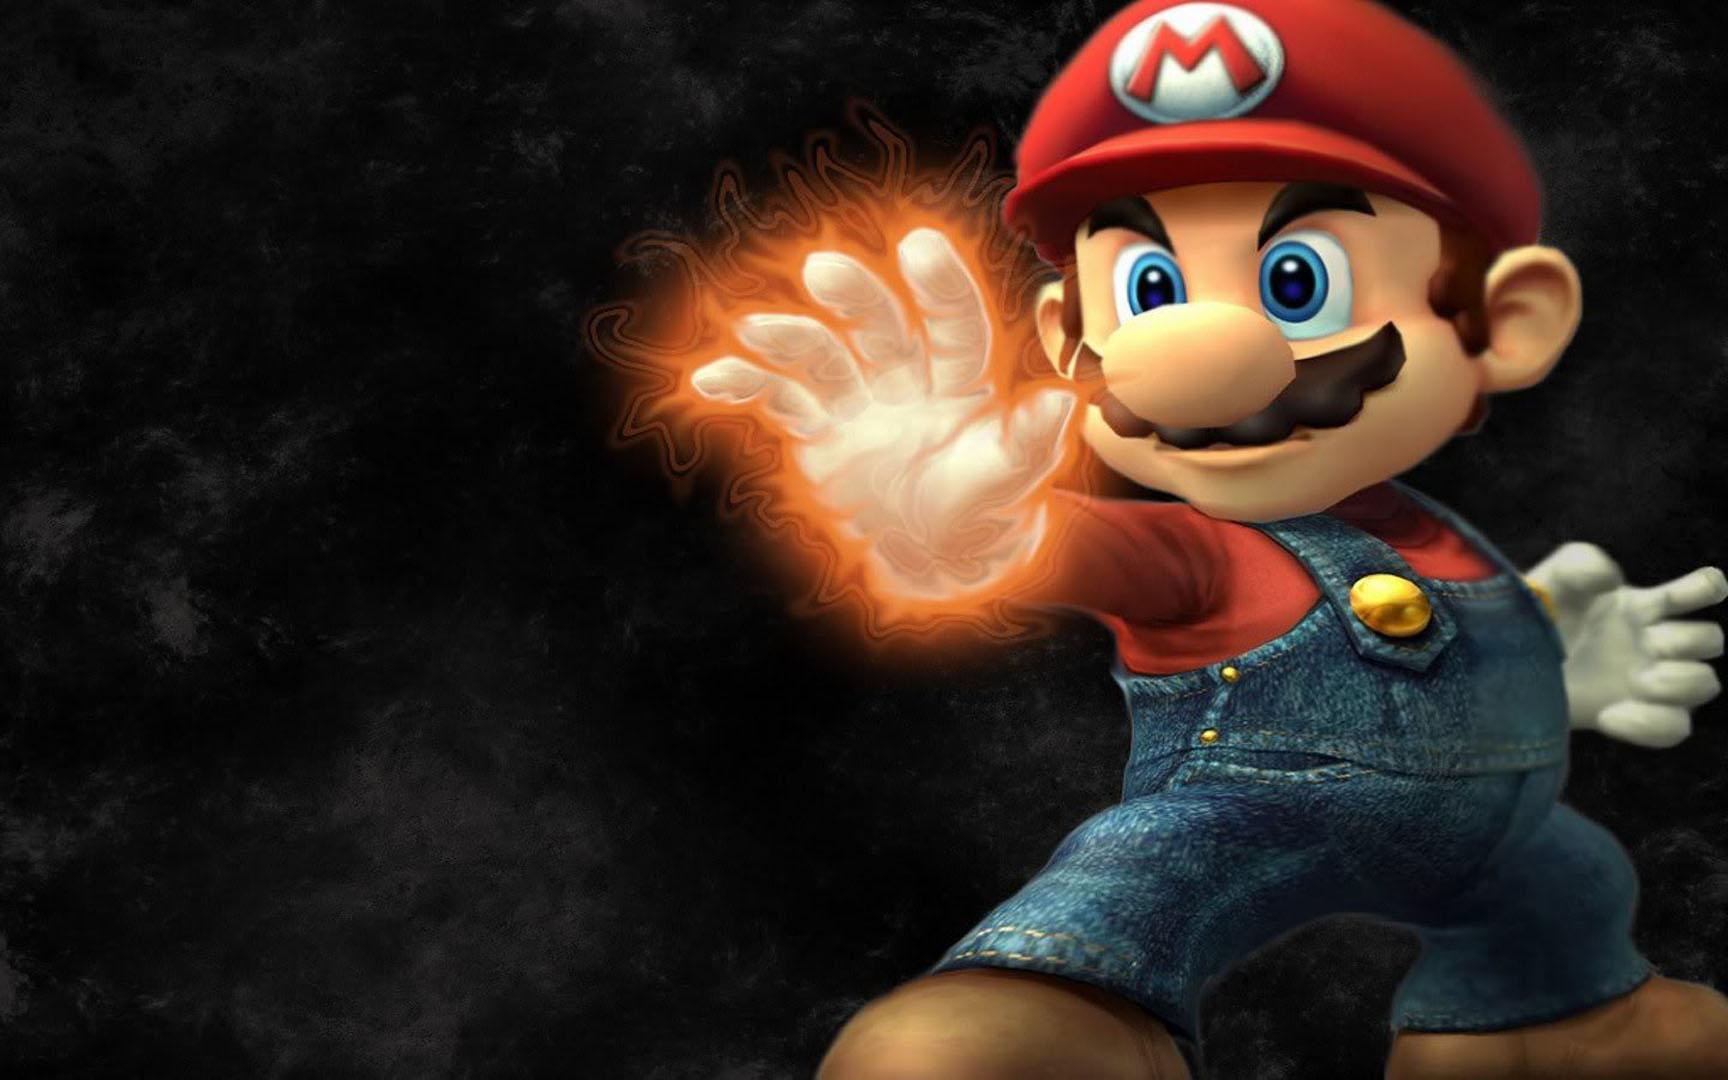 Mario Fireball